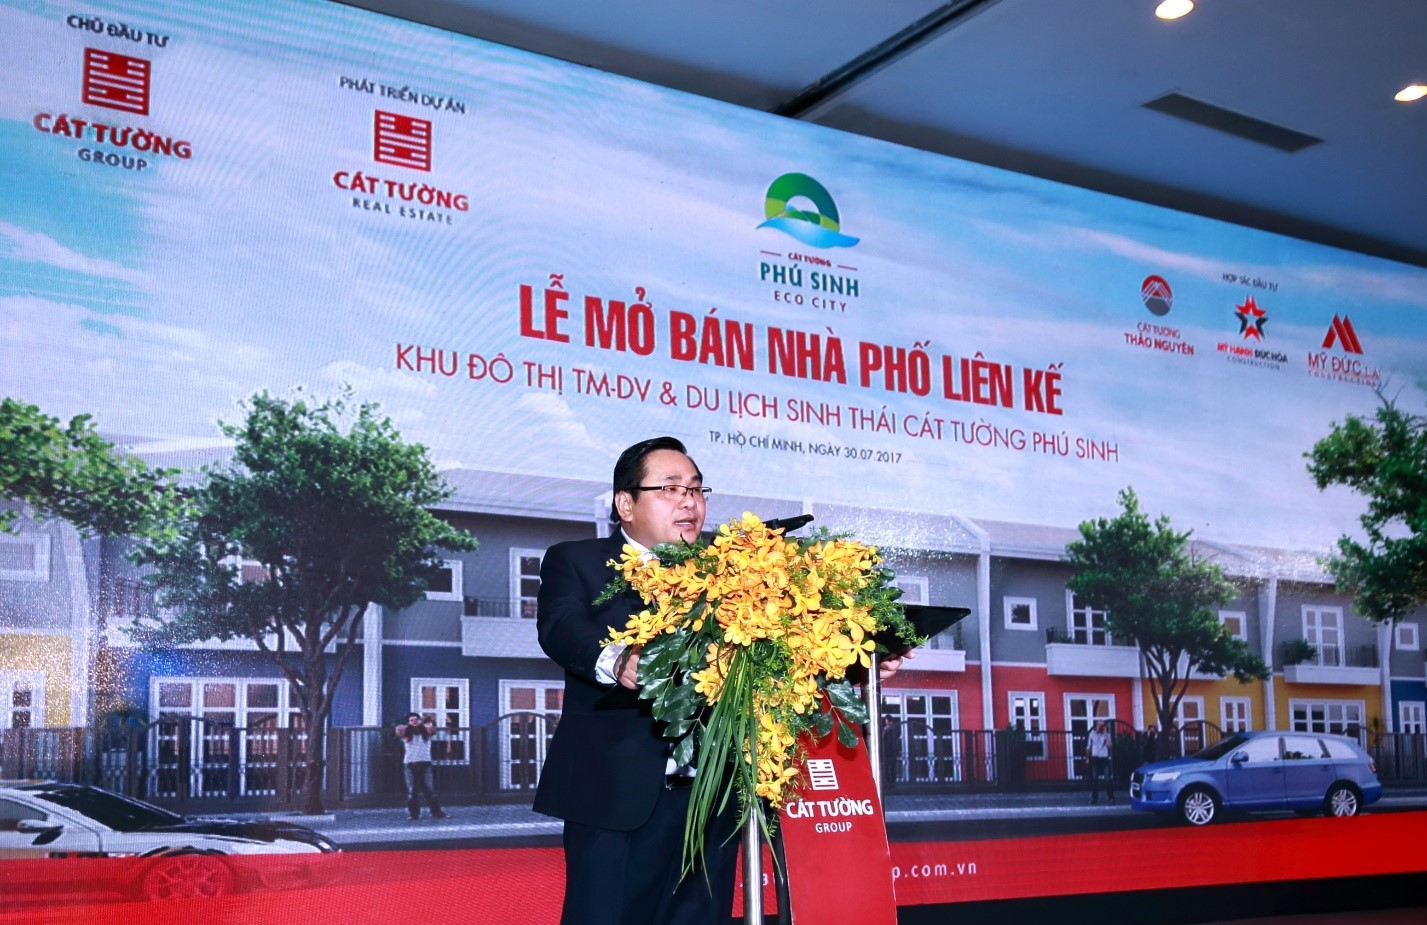 Cát Tường Group mở bán thành công hơn 300 căn nhà phố tại KĐT Cát Tường Phú Sinh